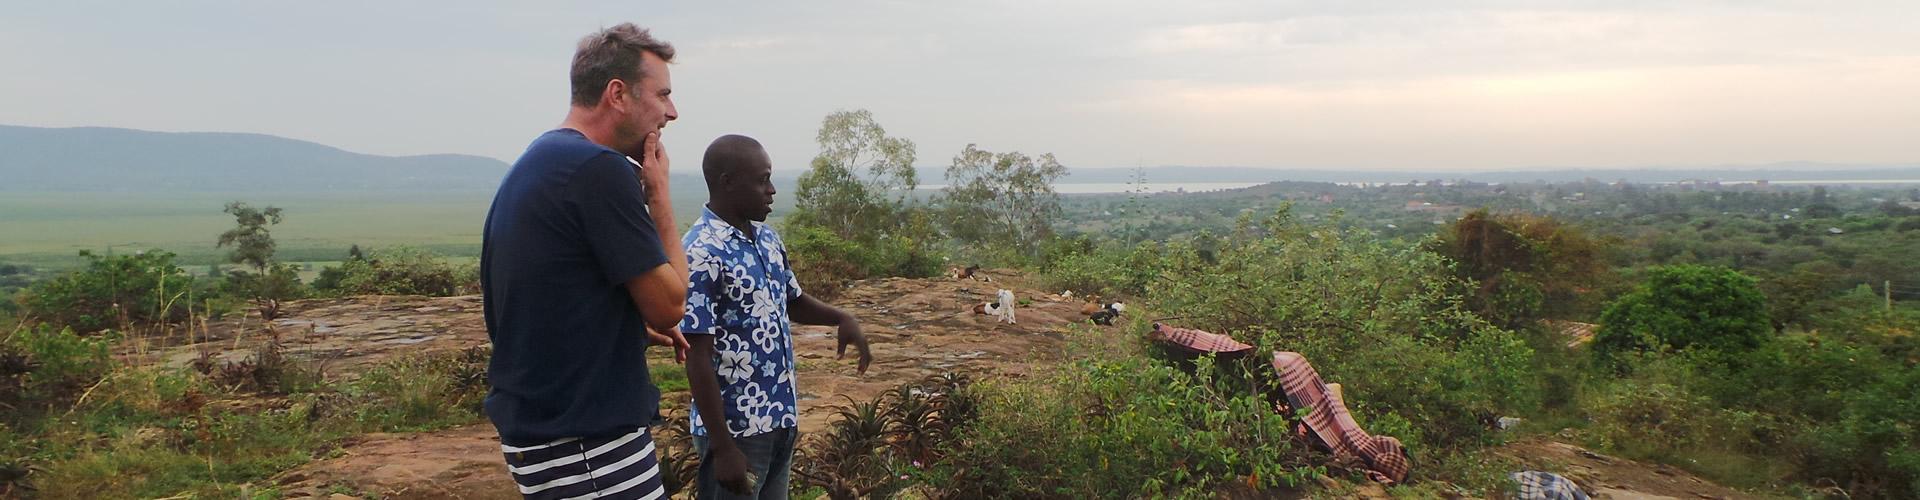 Trustee visit to Kenya September 2015